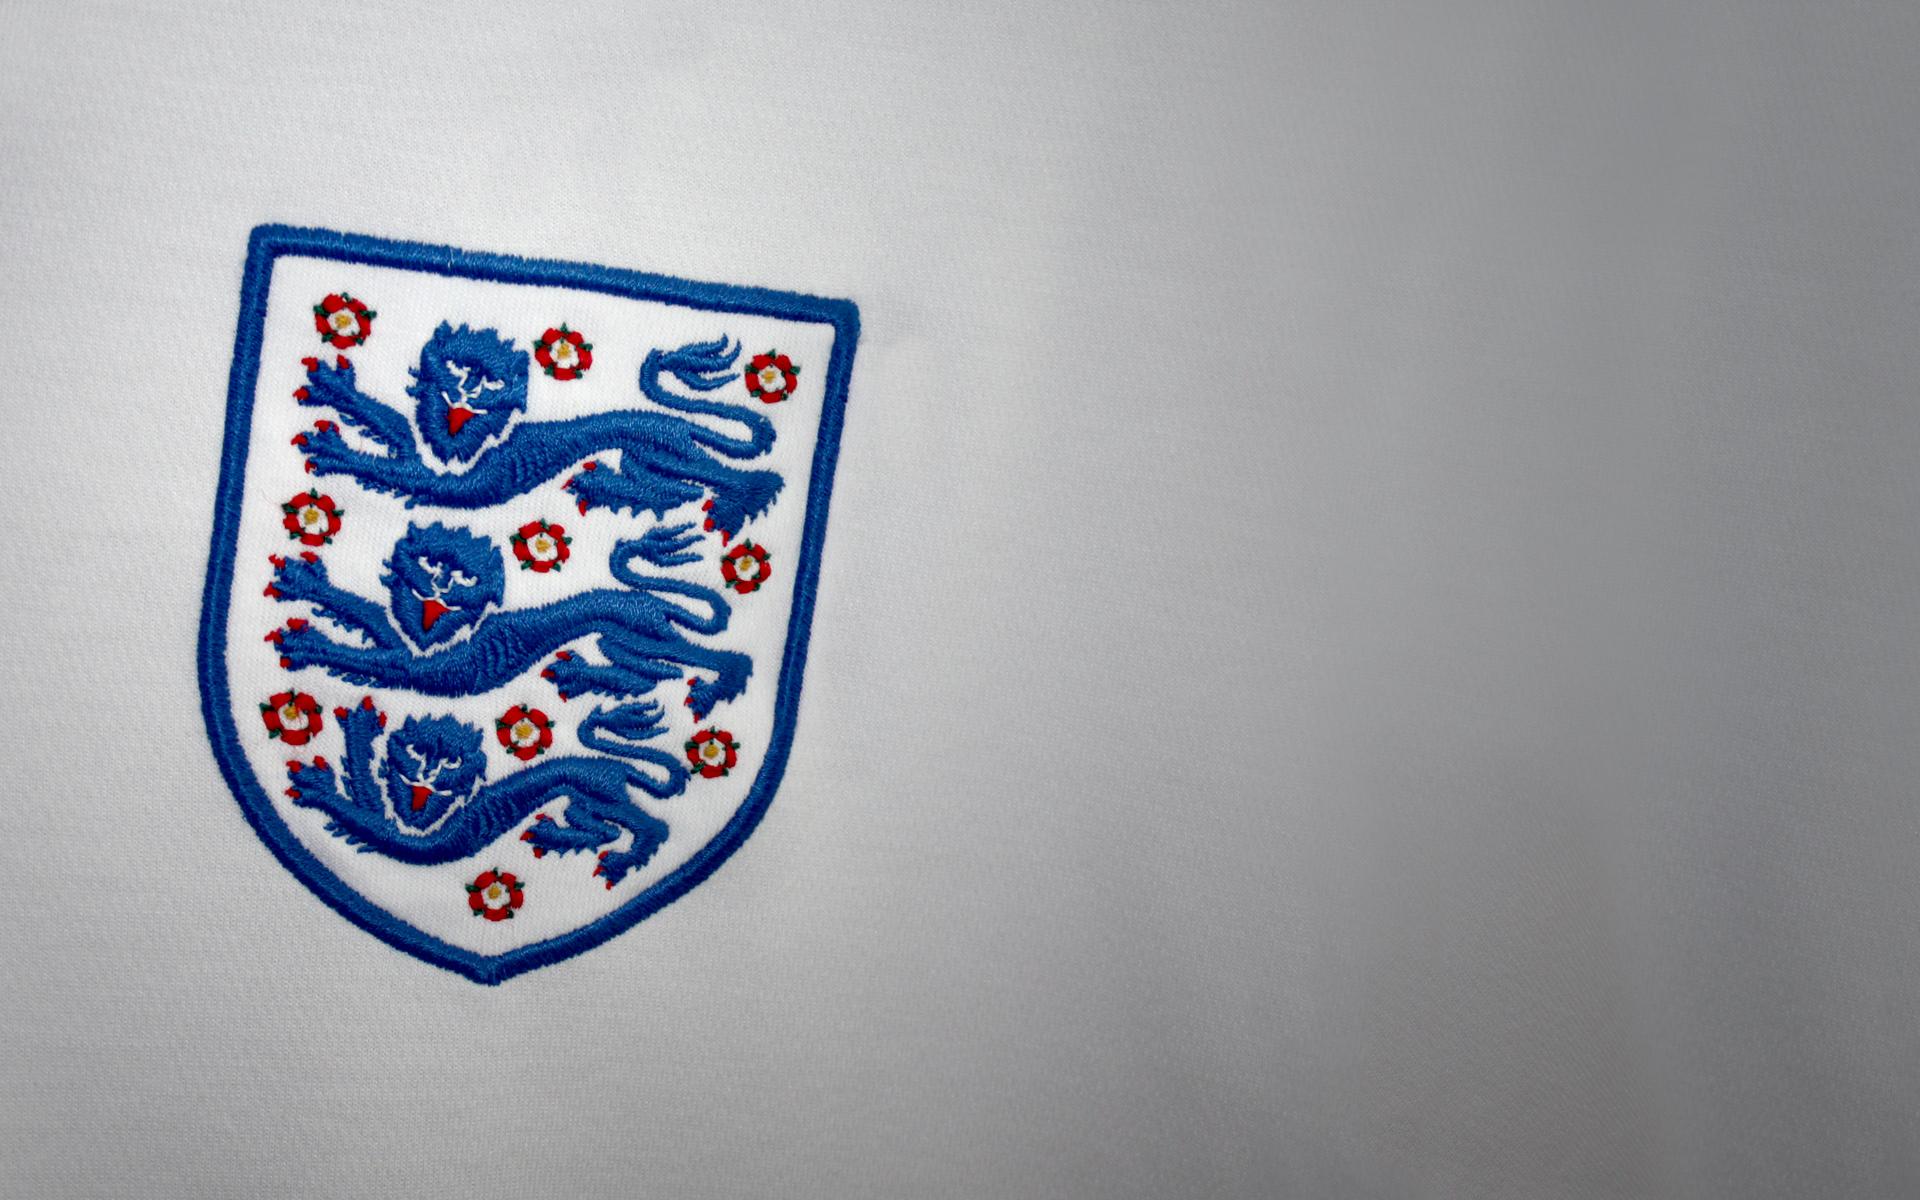 England Football Team Wallpaper 1920x1200